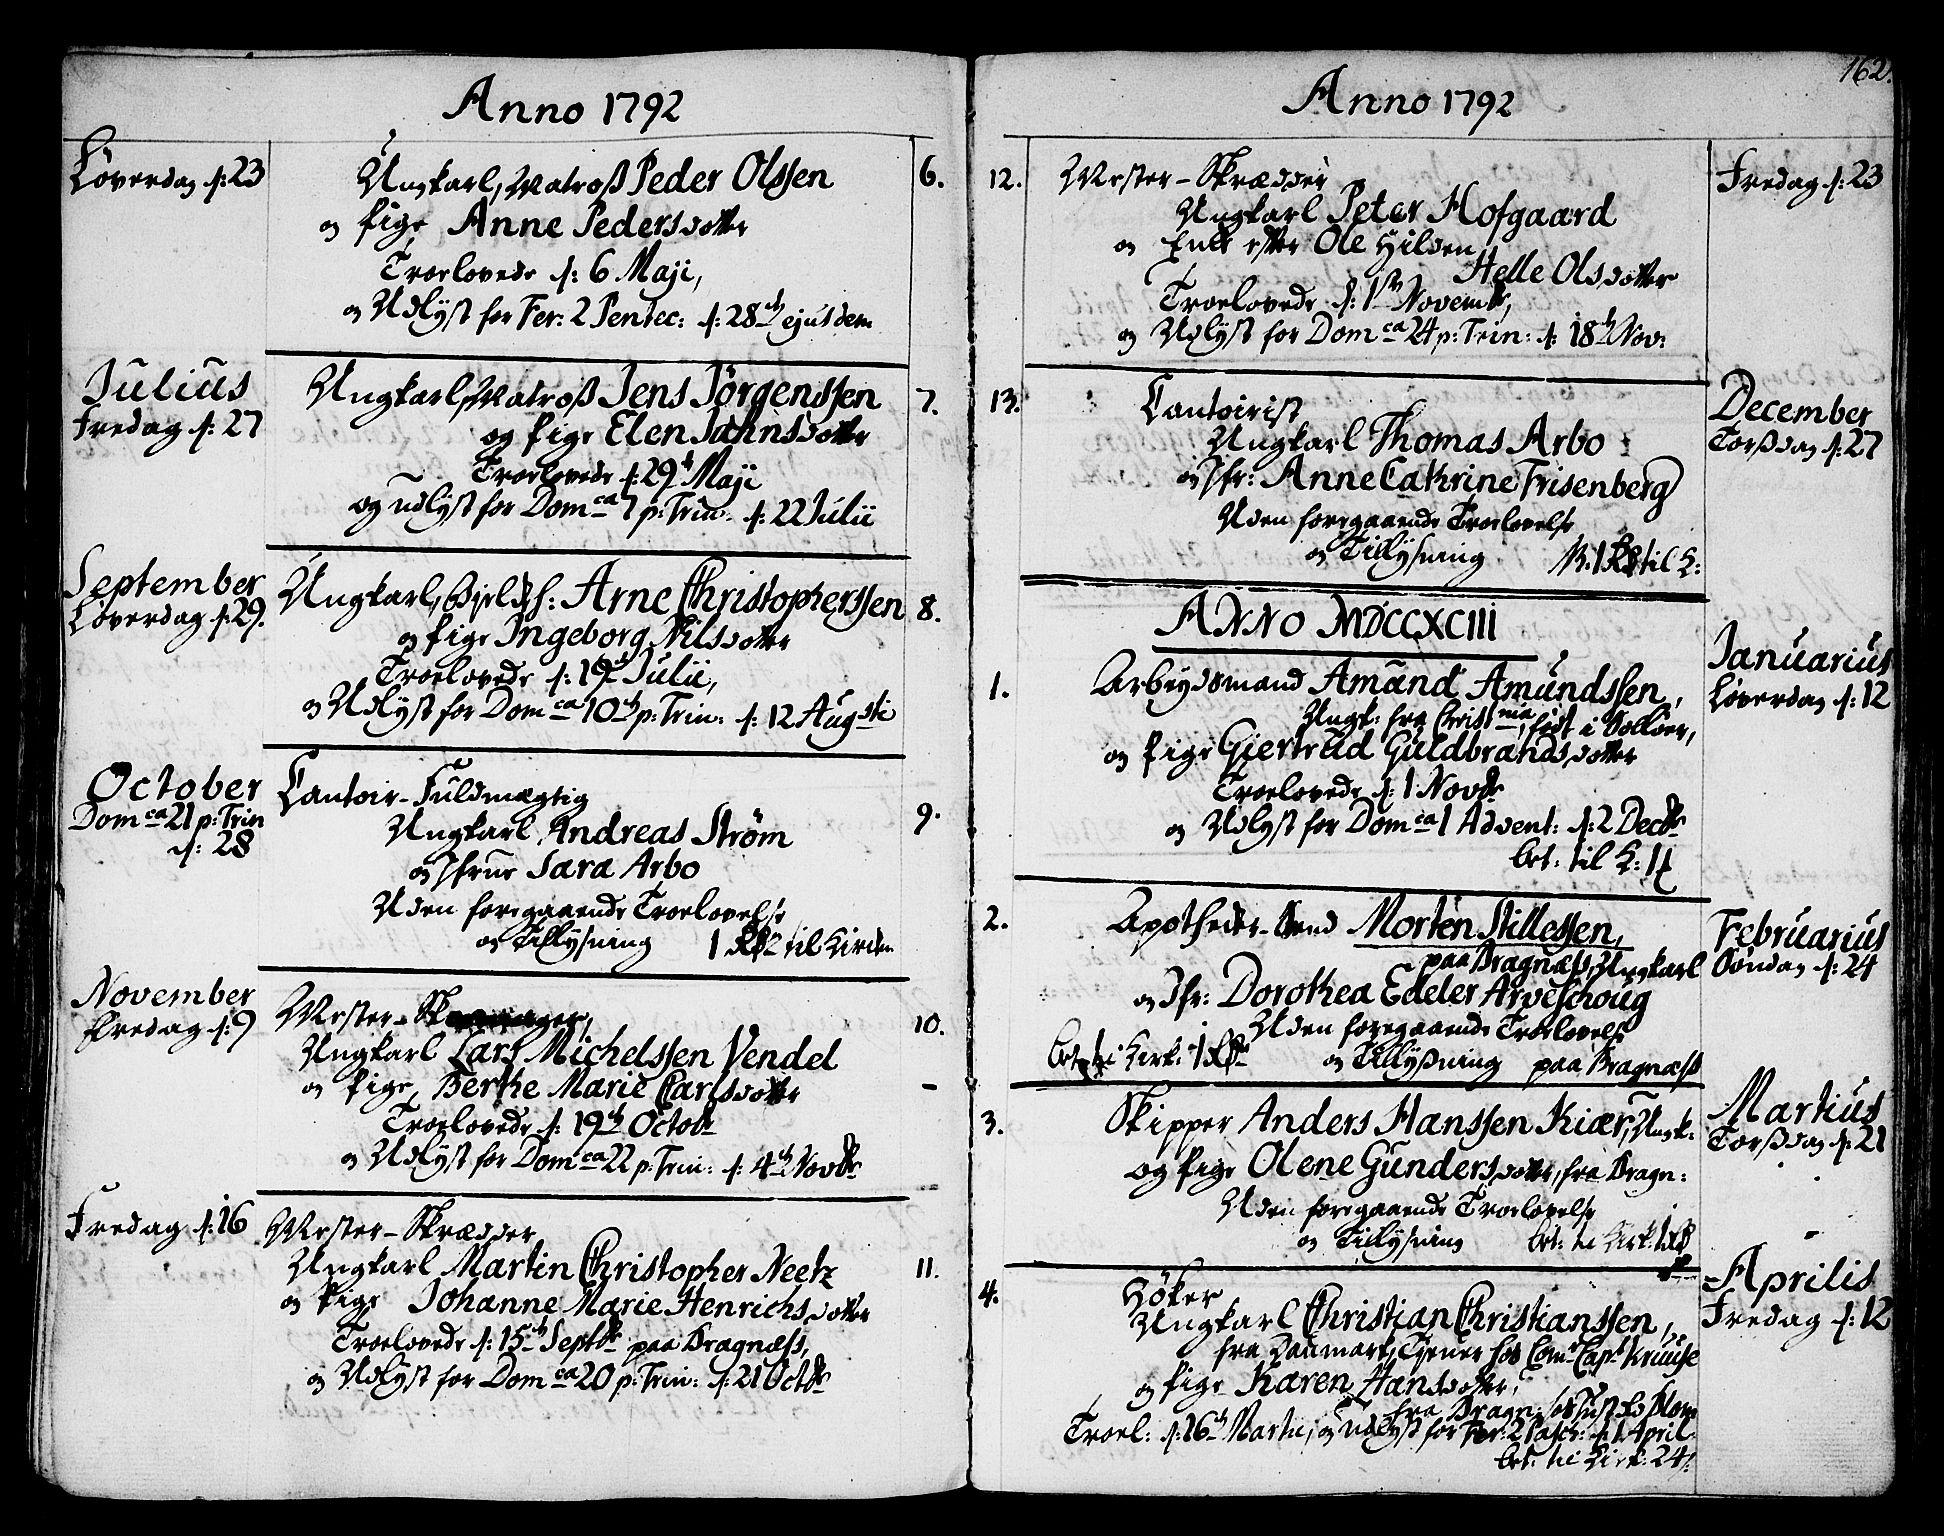 SAKO, Strømsø kirkebøker, F/Fa/L0010: Ministerialbok nr. I 10, 1792-1822, s. 162